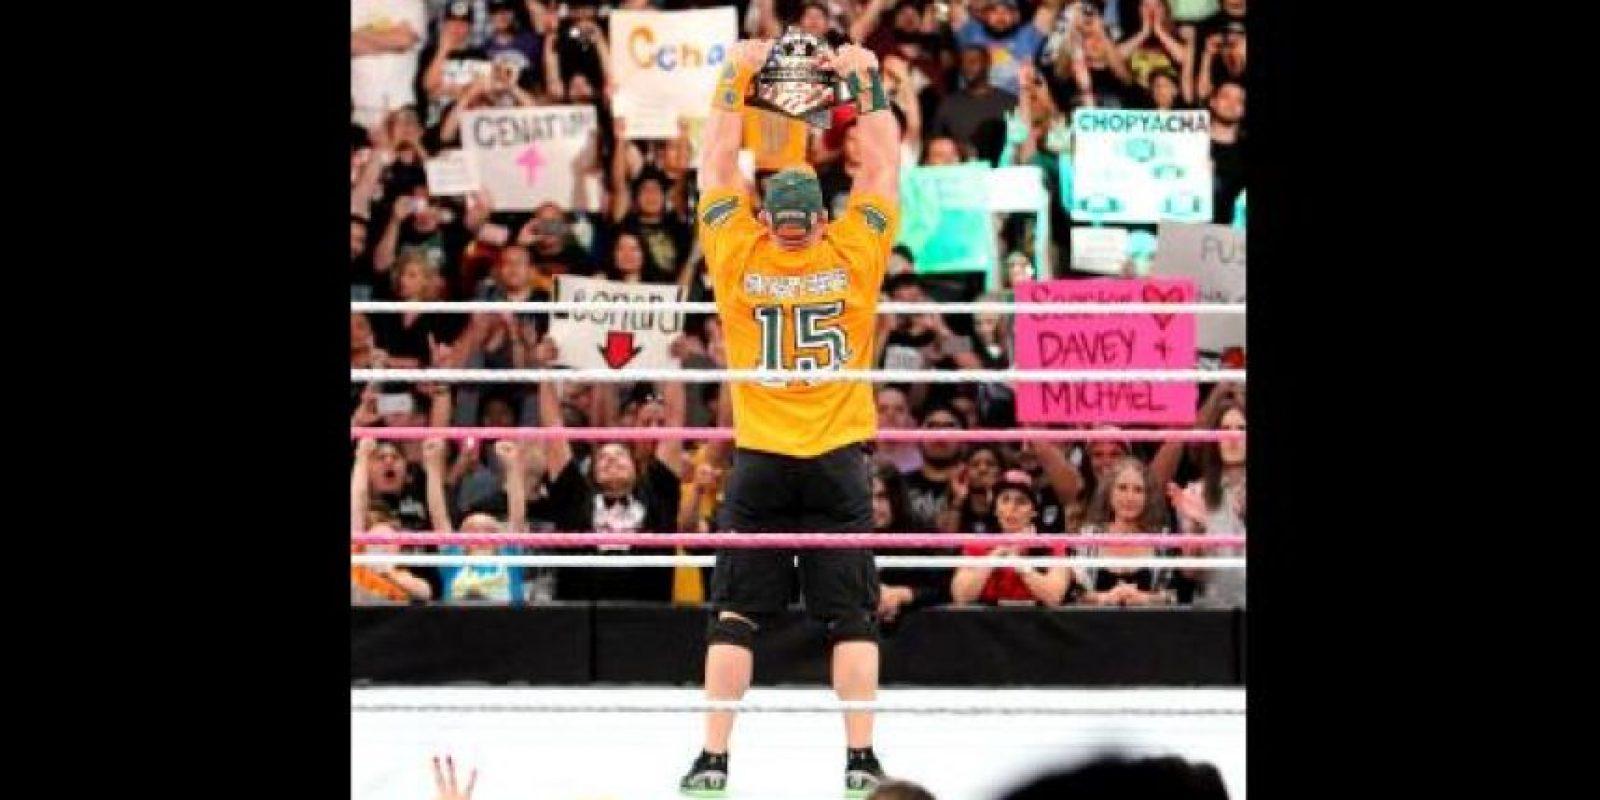 En los útimos tiempos, Cena ha sido el rostro principal de la compañía Foto:WWE